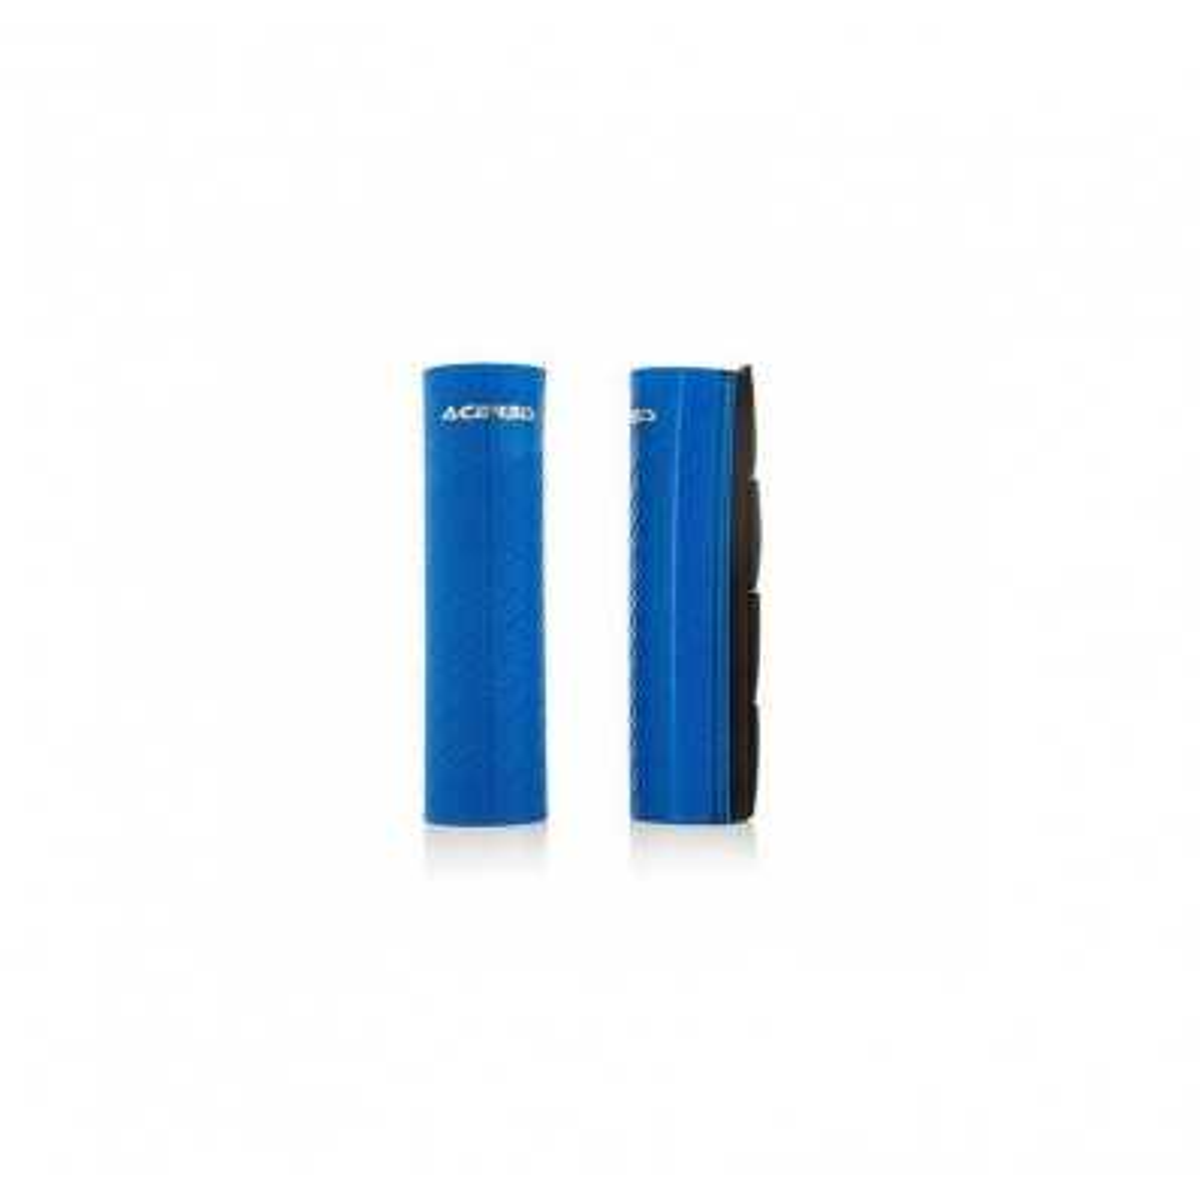 0021750-040 - Protege Horquilla Acerbis Azul